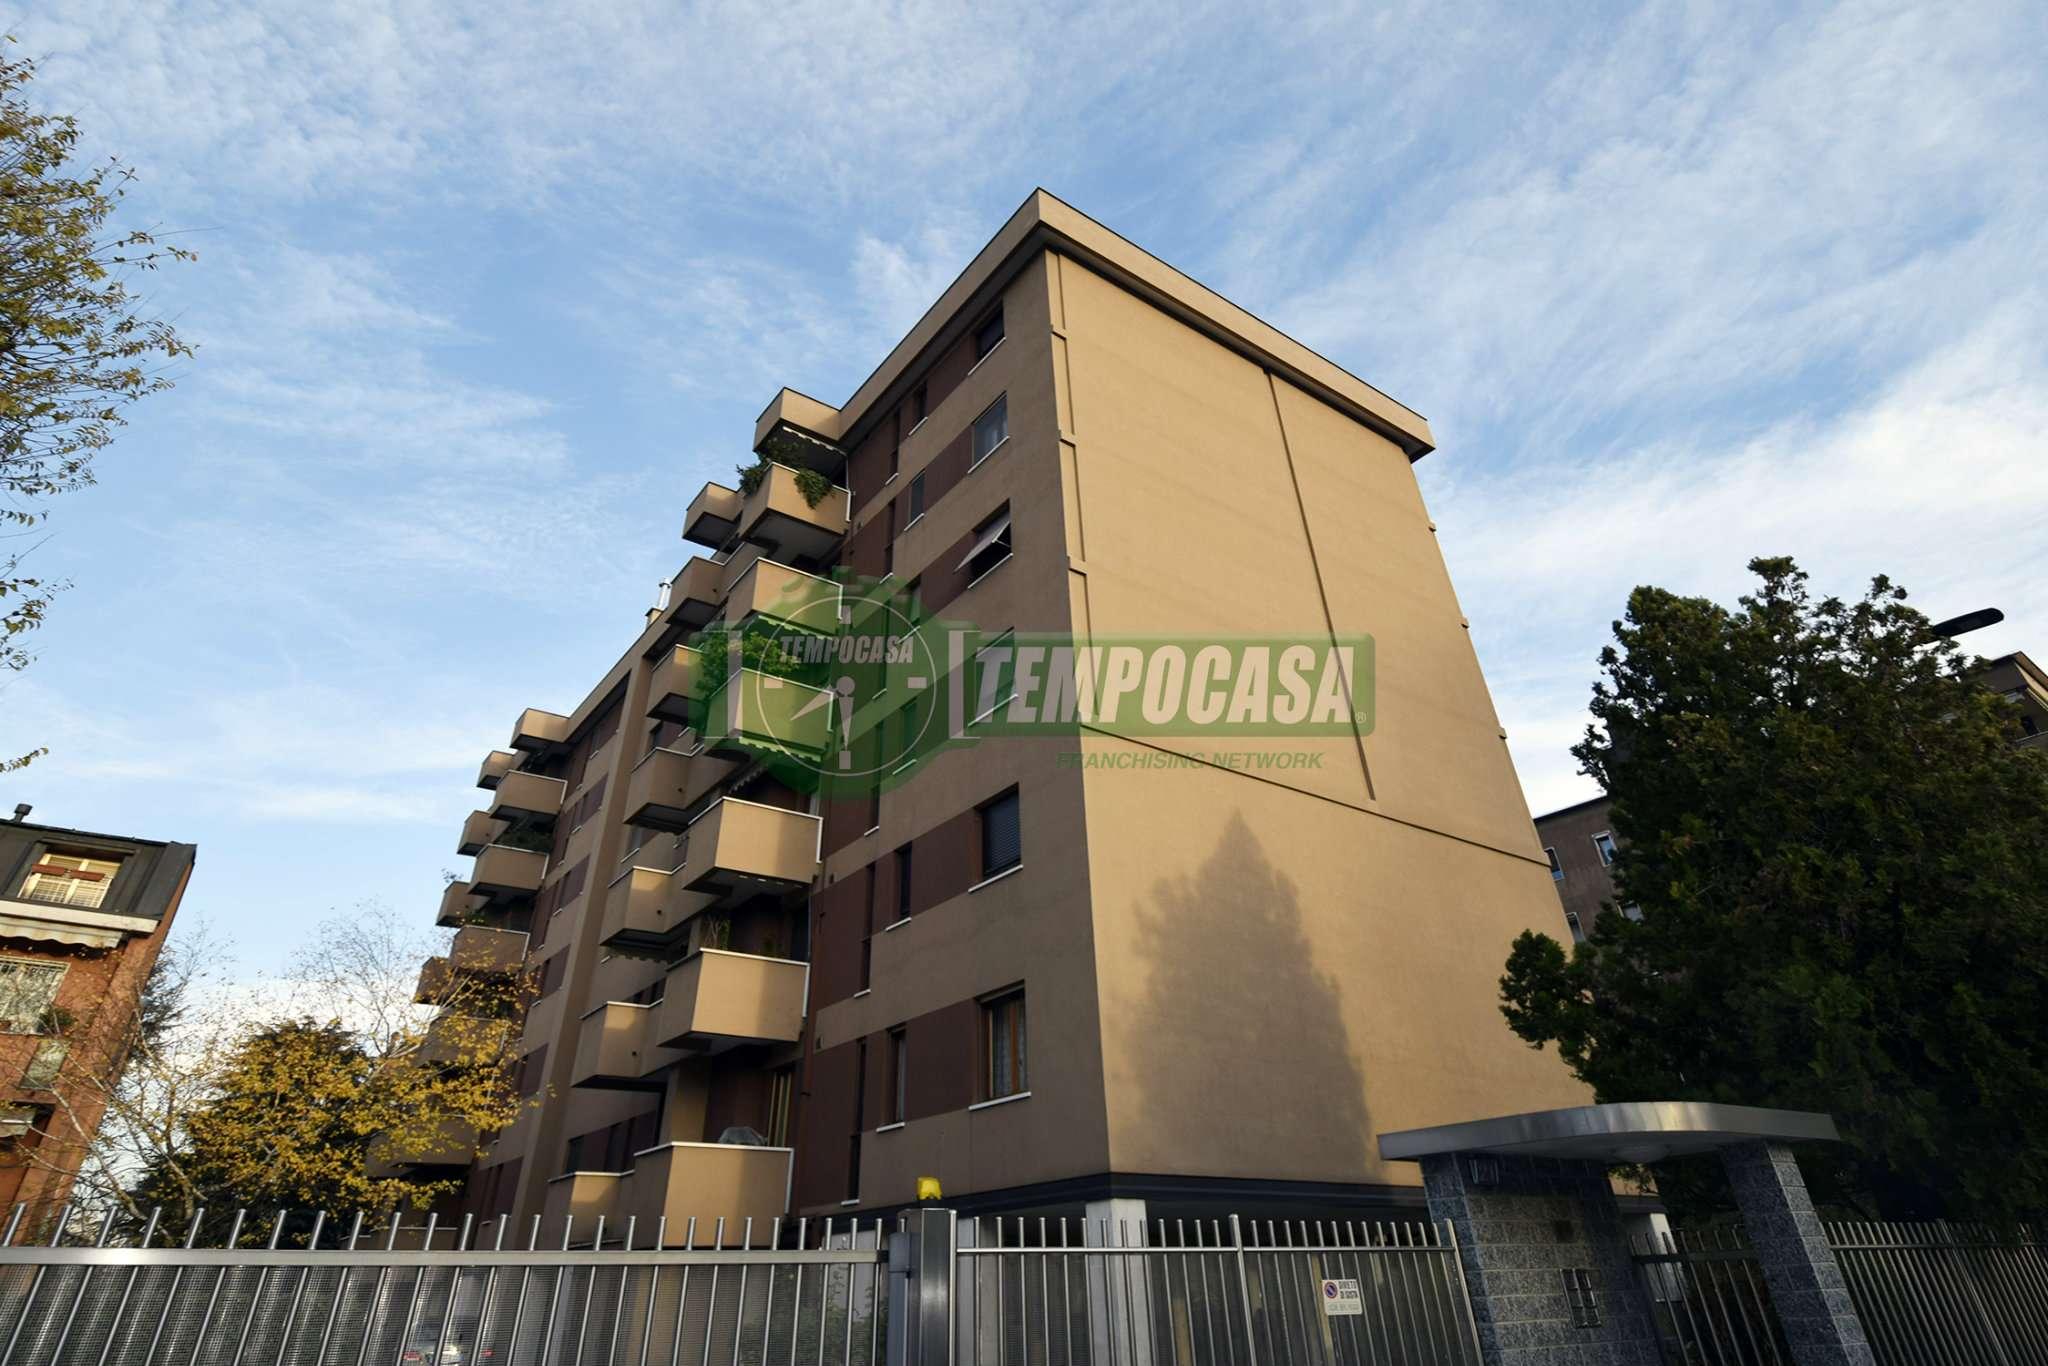 Appartamento in vendita 4 vani 125 mq.  via via Dei Bognetti 21 Milano